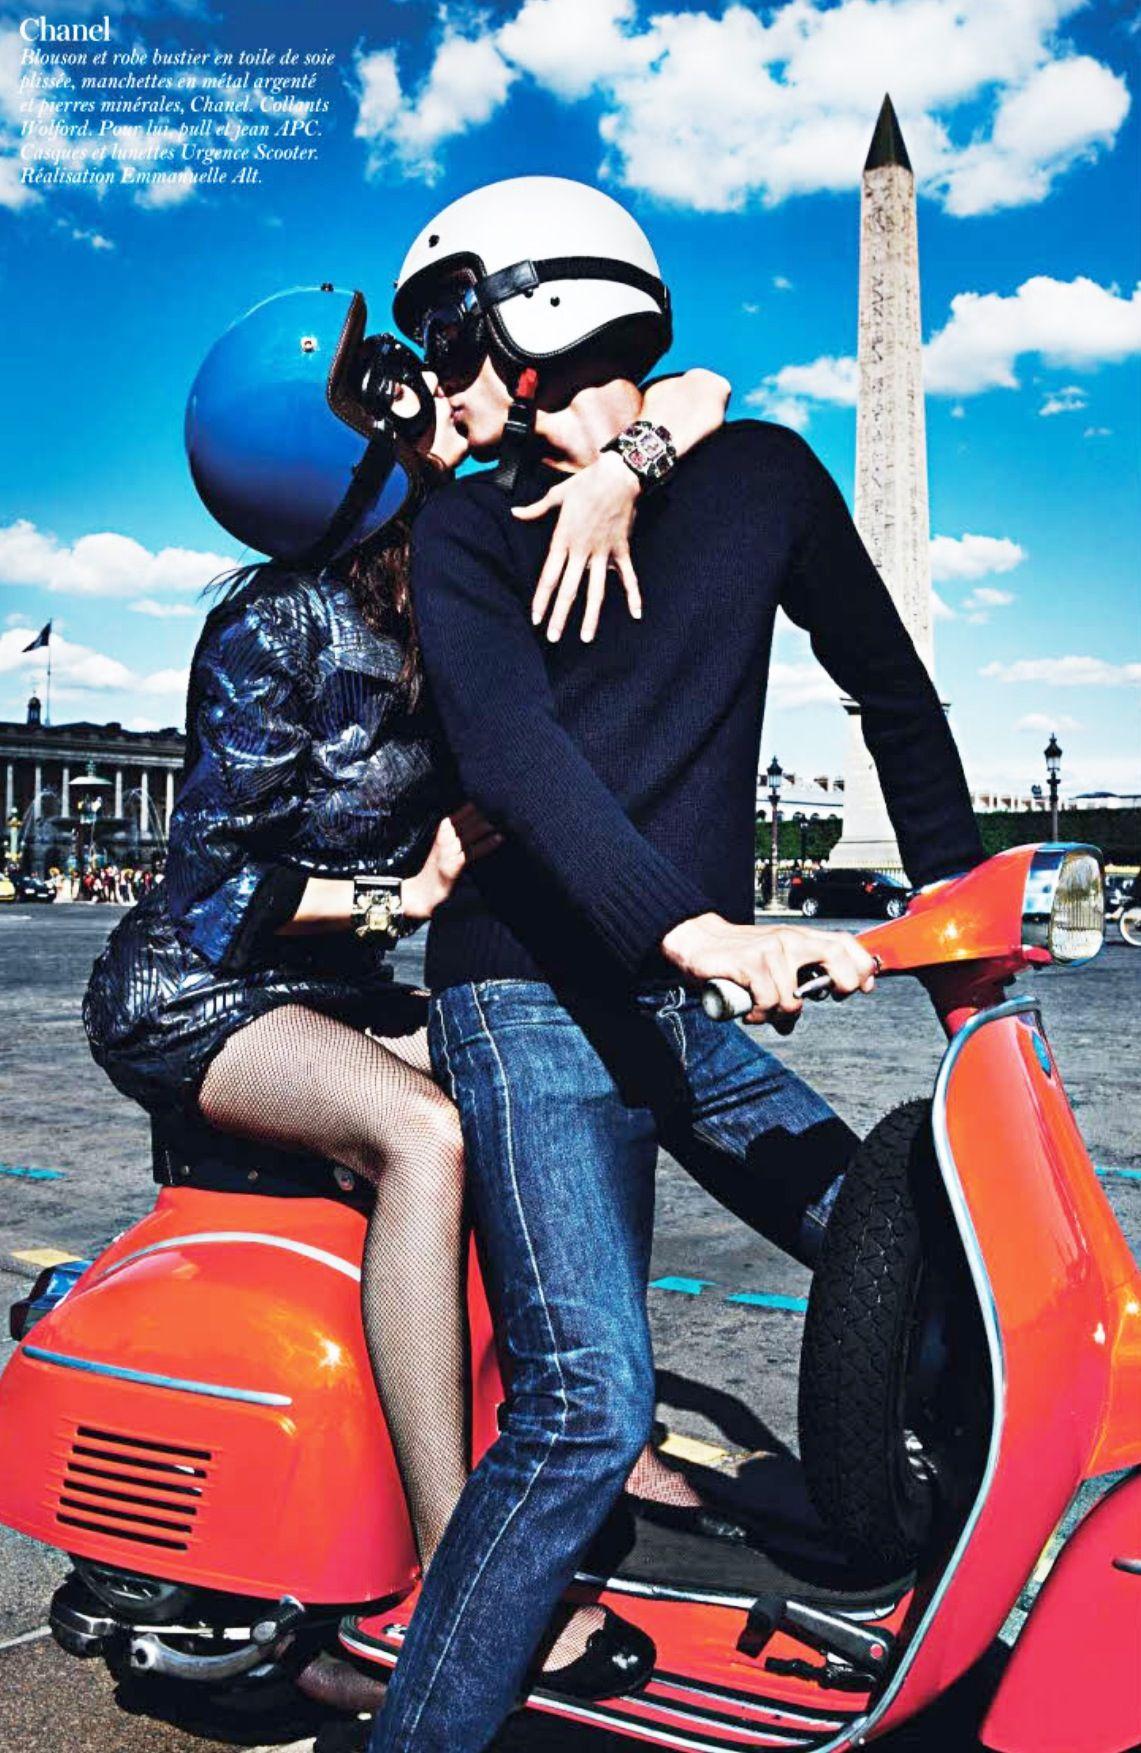 Love x Vespa x Paris